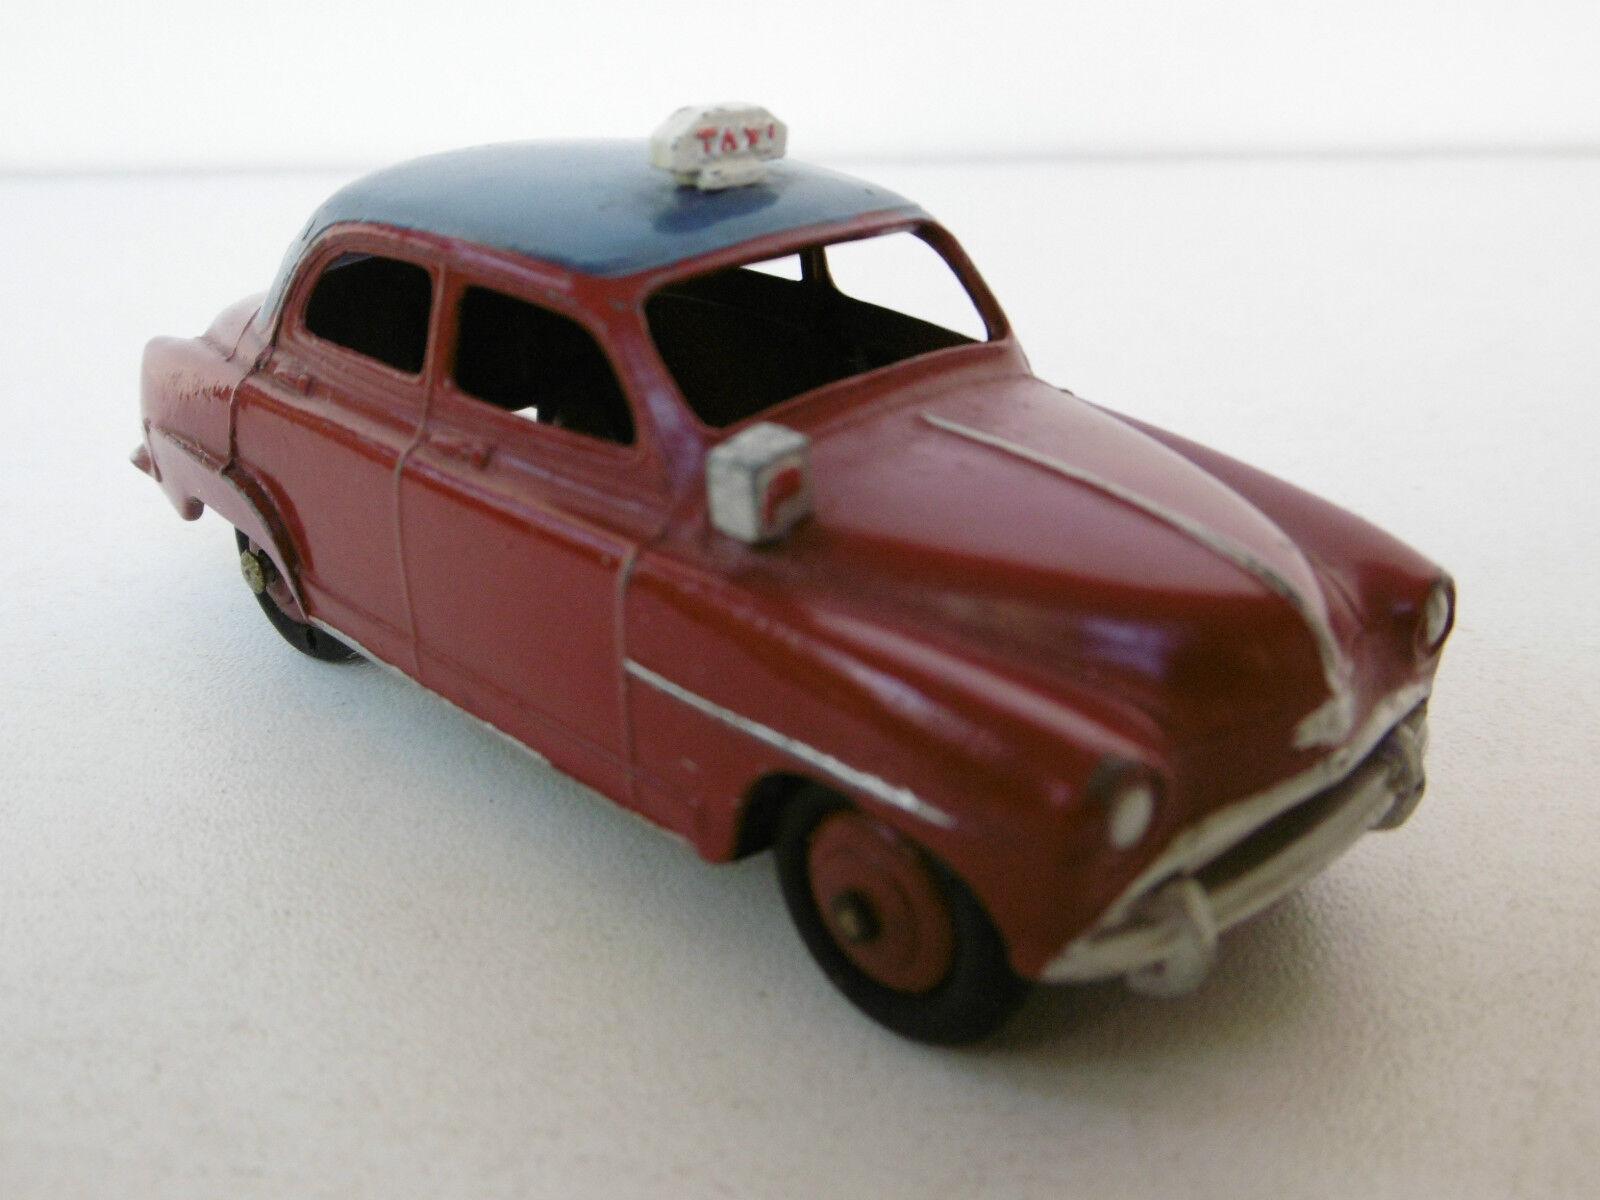 DINKY TOYS  FRANCE   SIMCA 9 ARONDE TAXI   REF 24 UT  1956  BON  ÉTAT   N°2  livraison gratuite et rapide disponible